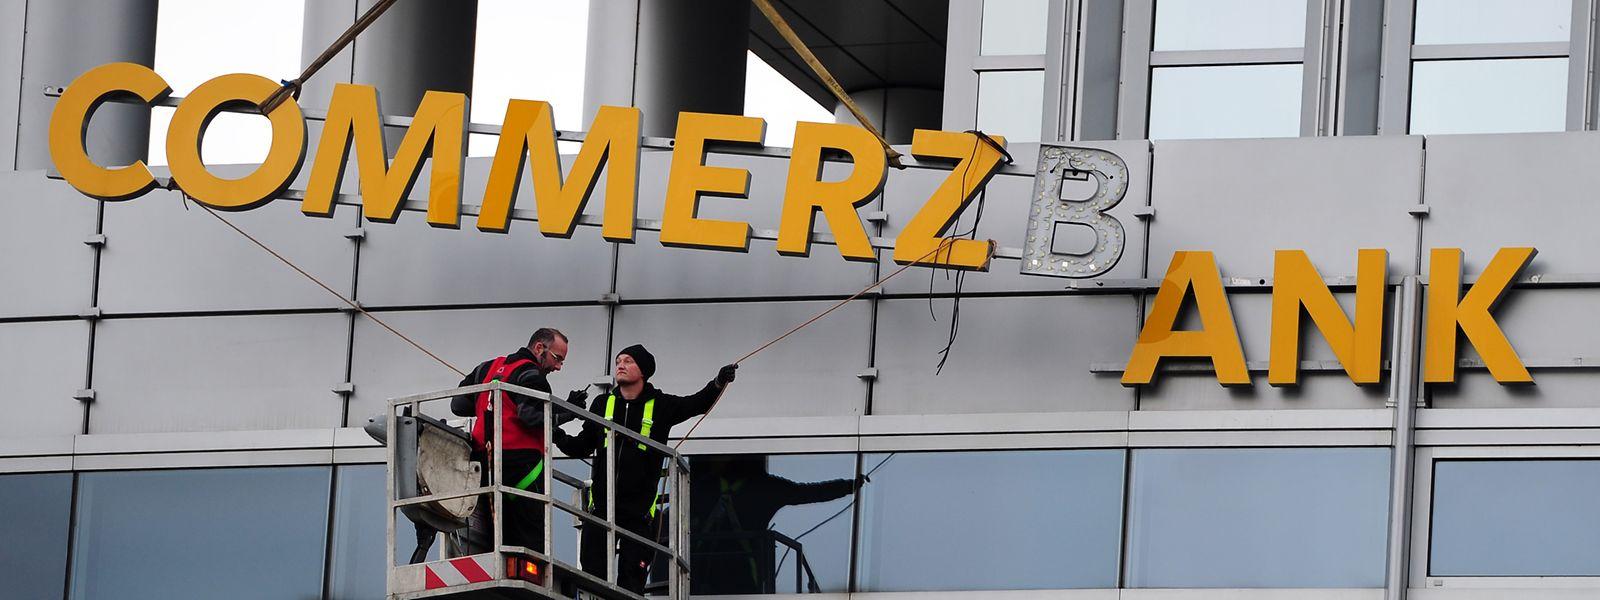 D'ici à 2024, le deuxième groupe bancaire allemand aura fermé sa filiale luxembourgeoise, indique mardi l'Aleba.